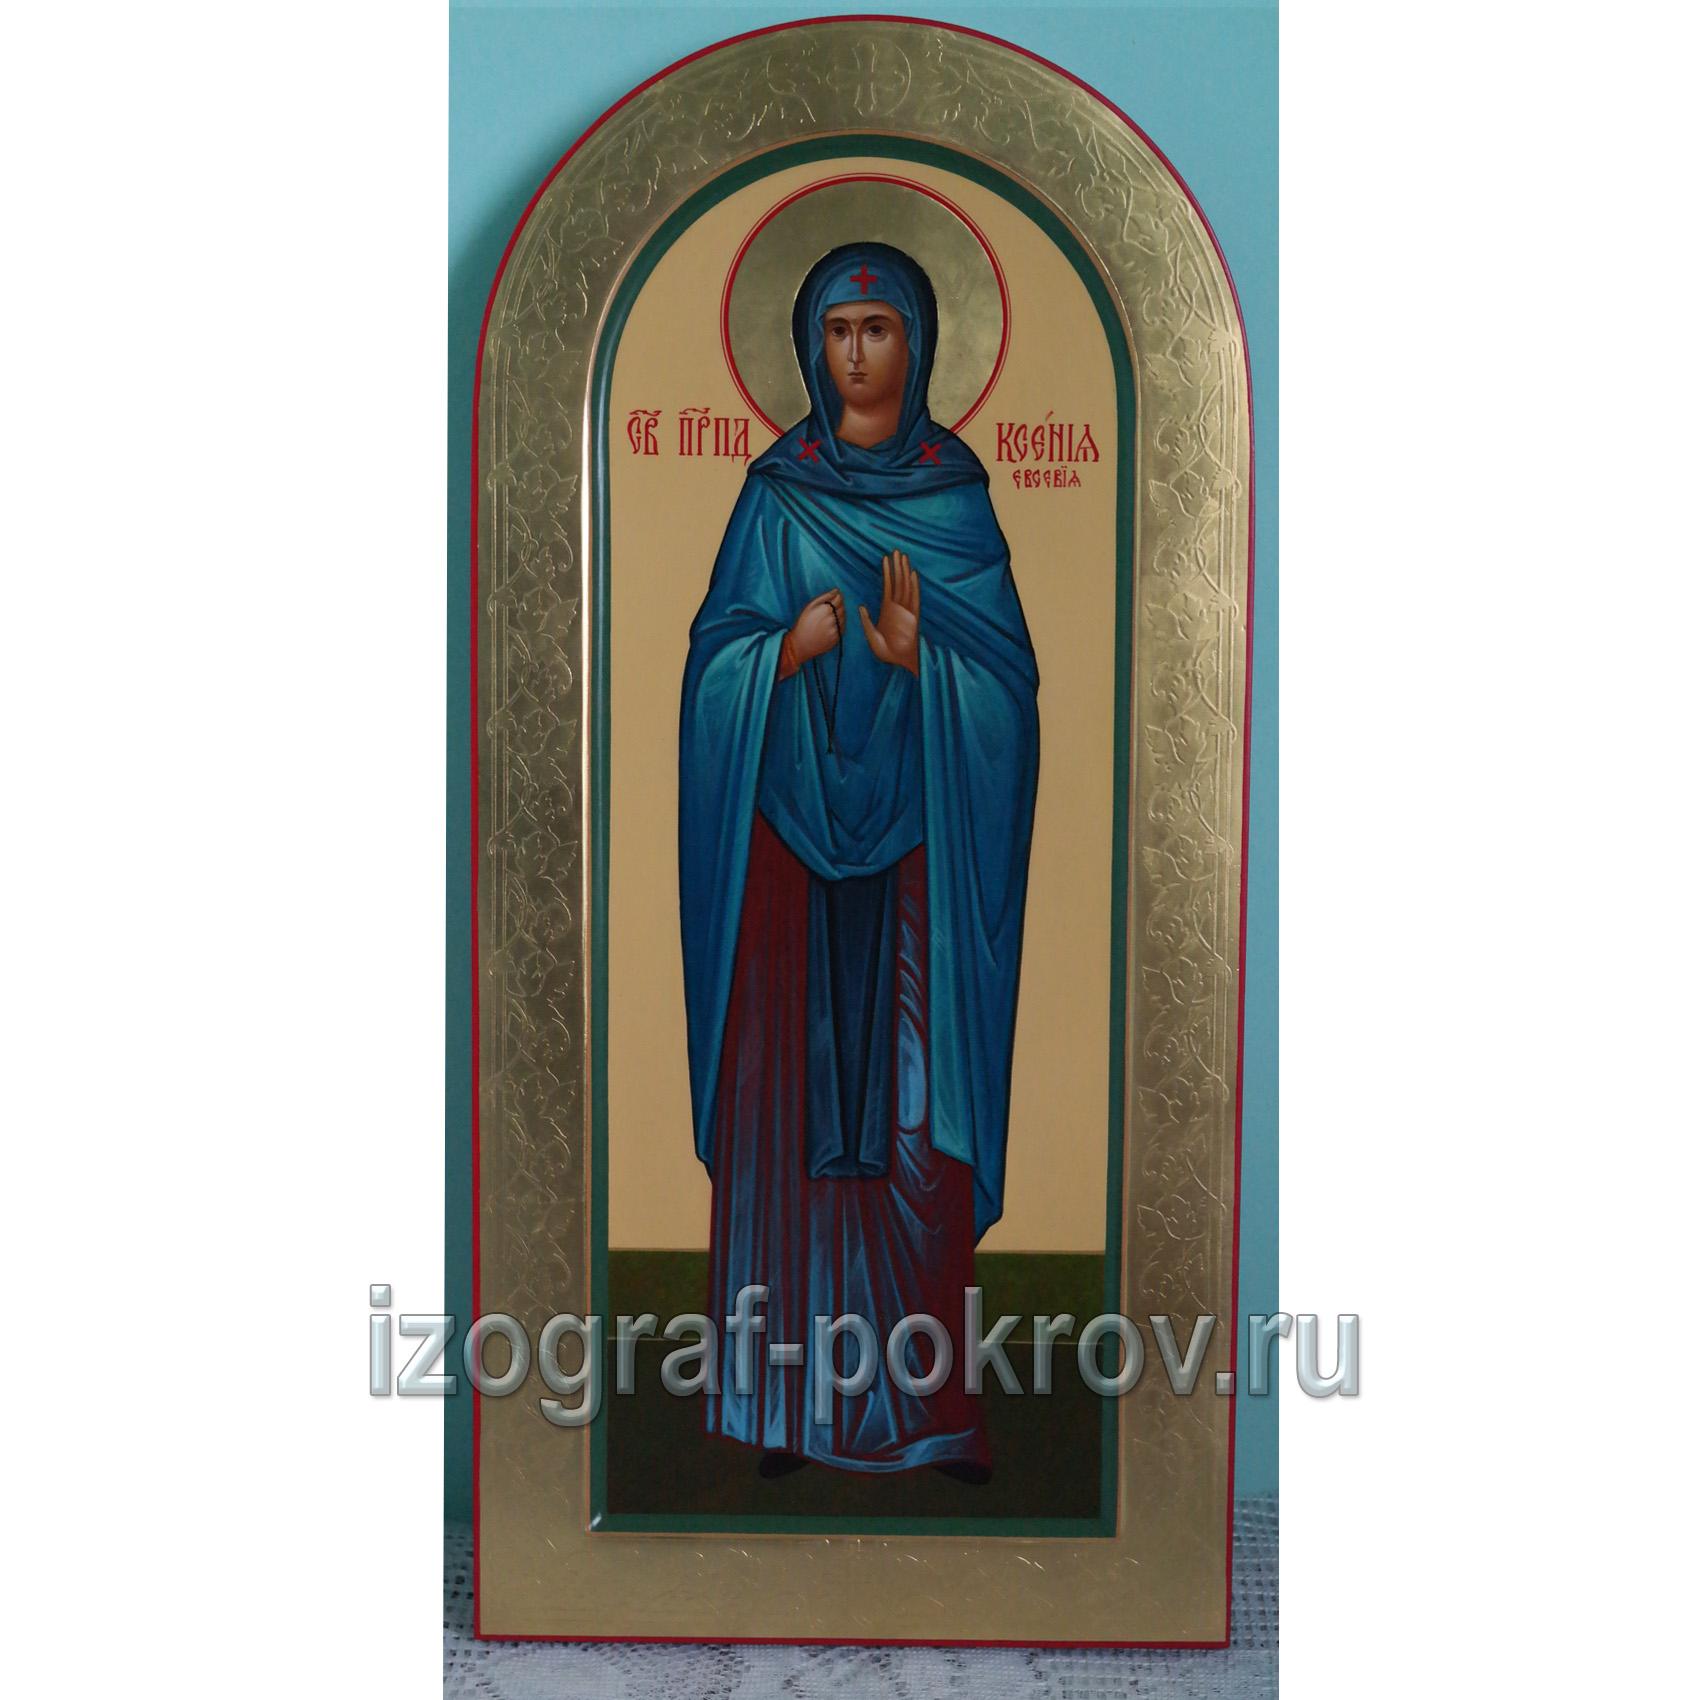 Мерная икона Ксения Евсевия с золотыми узорами по рамке